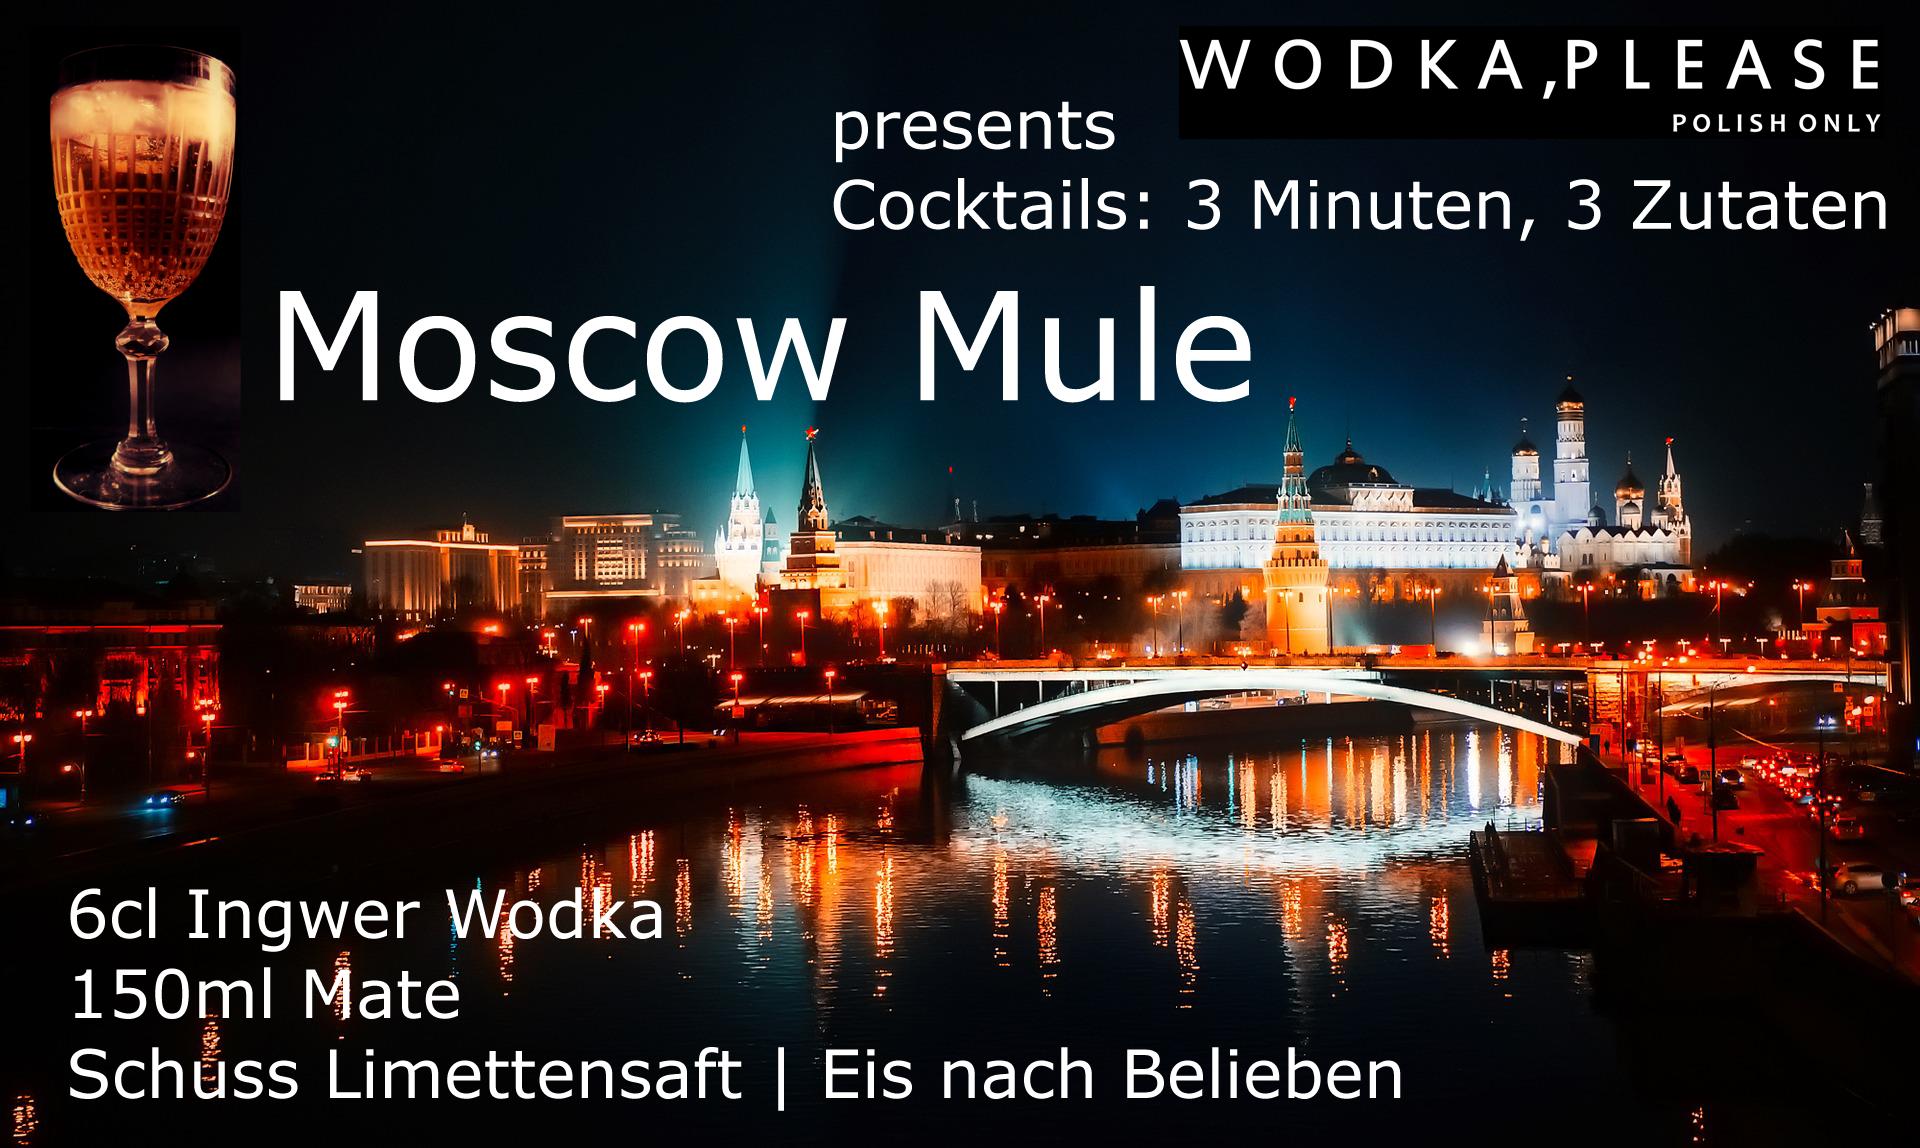 Onlineshop - Polnischer Wodka - Wodka ,Please